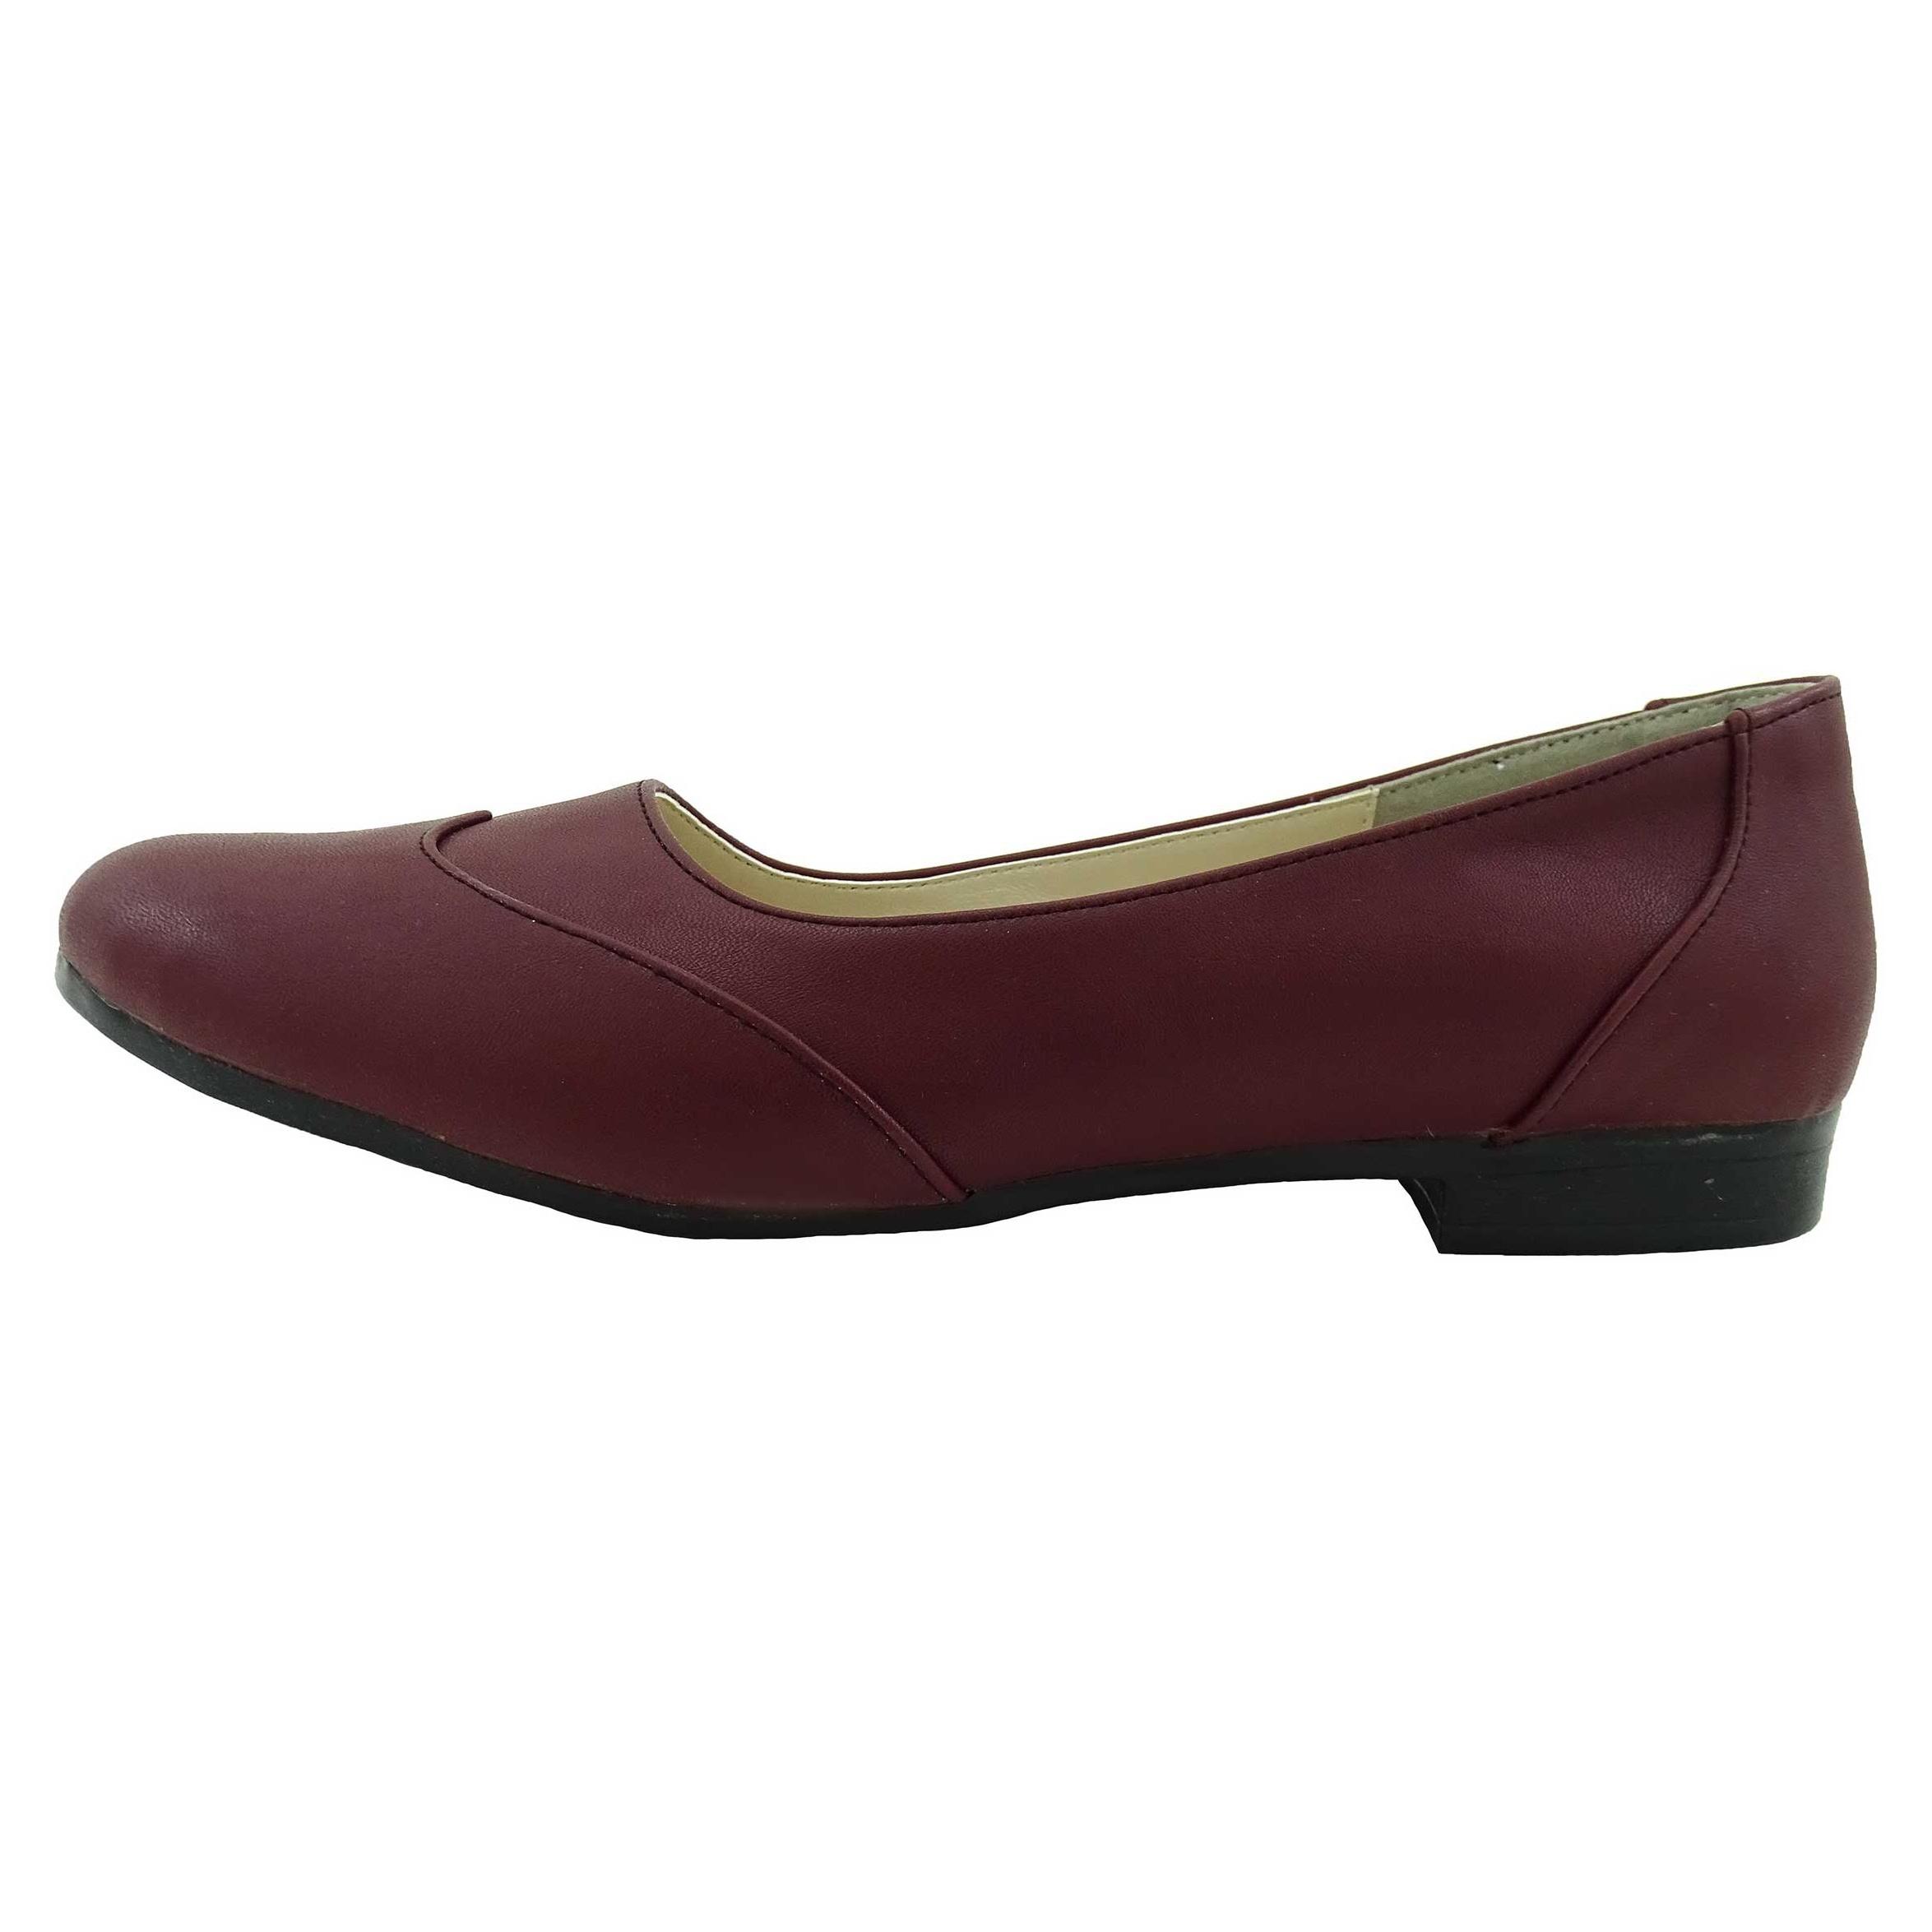 کفش زنانه آذاردو مدل سارا W01923